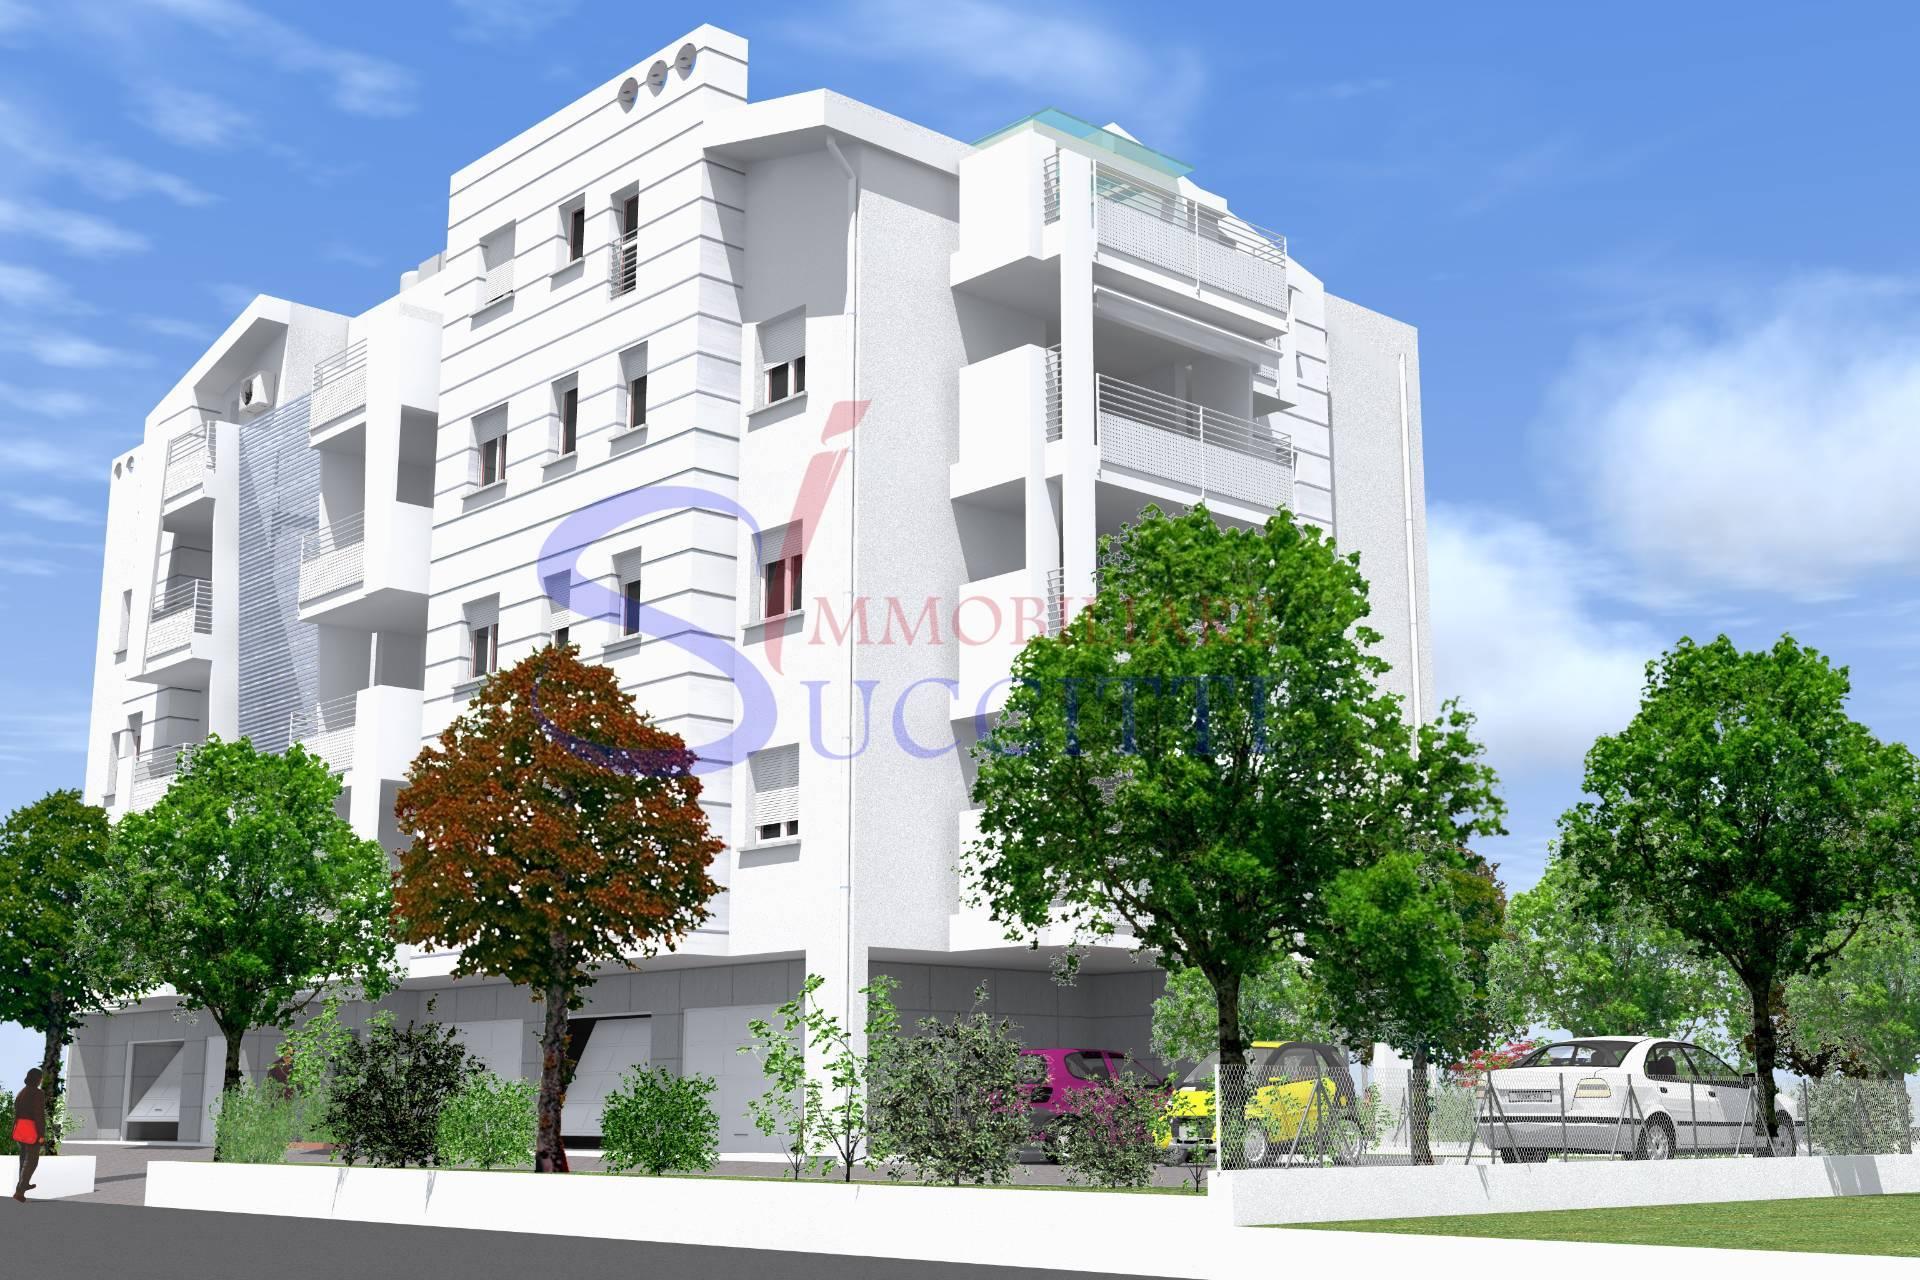 Appartamento in vendita a Tortoreto, 3 locali, zona Località: TortoretoLido, prezzo € 129.000 | CambioCasa.it